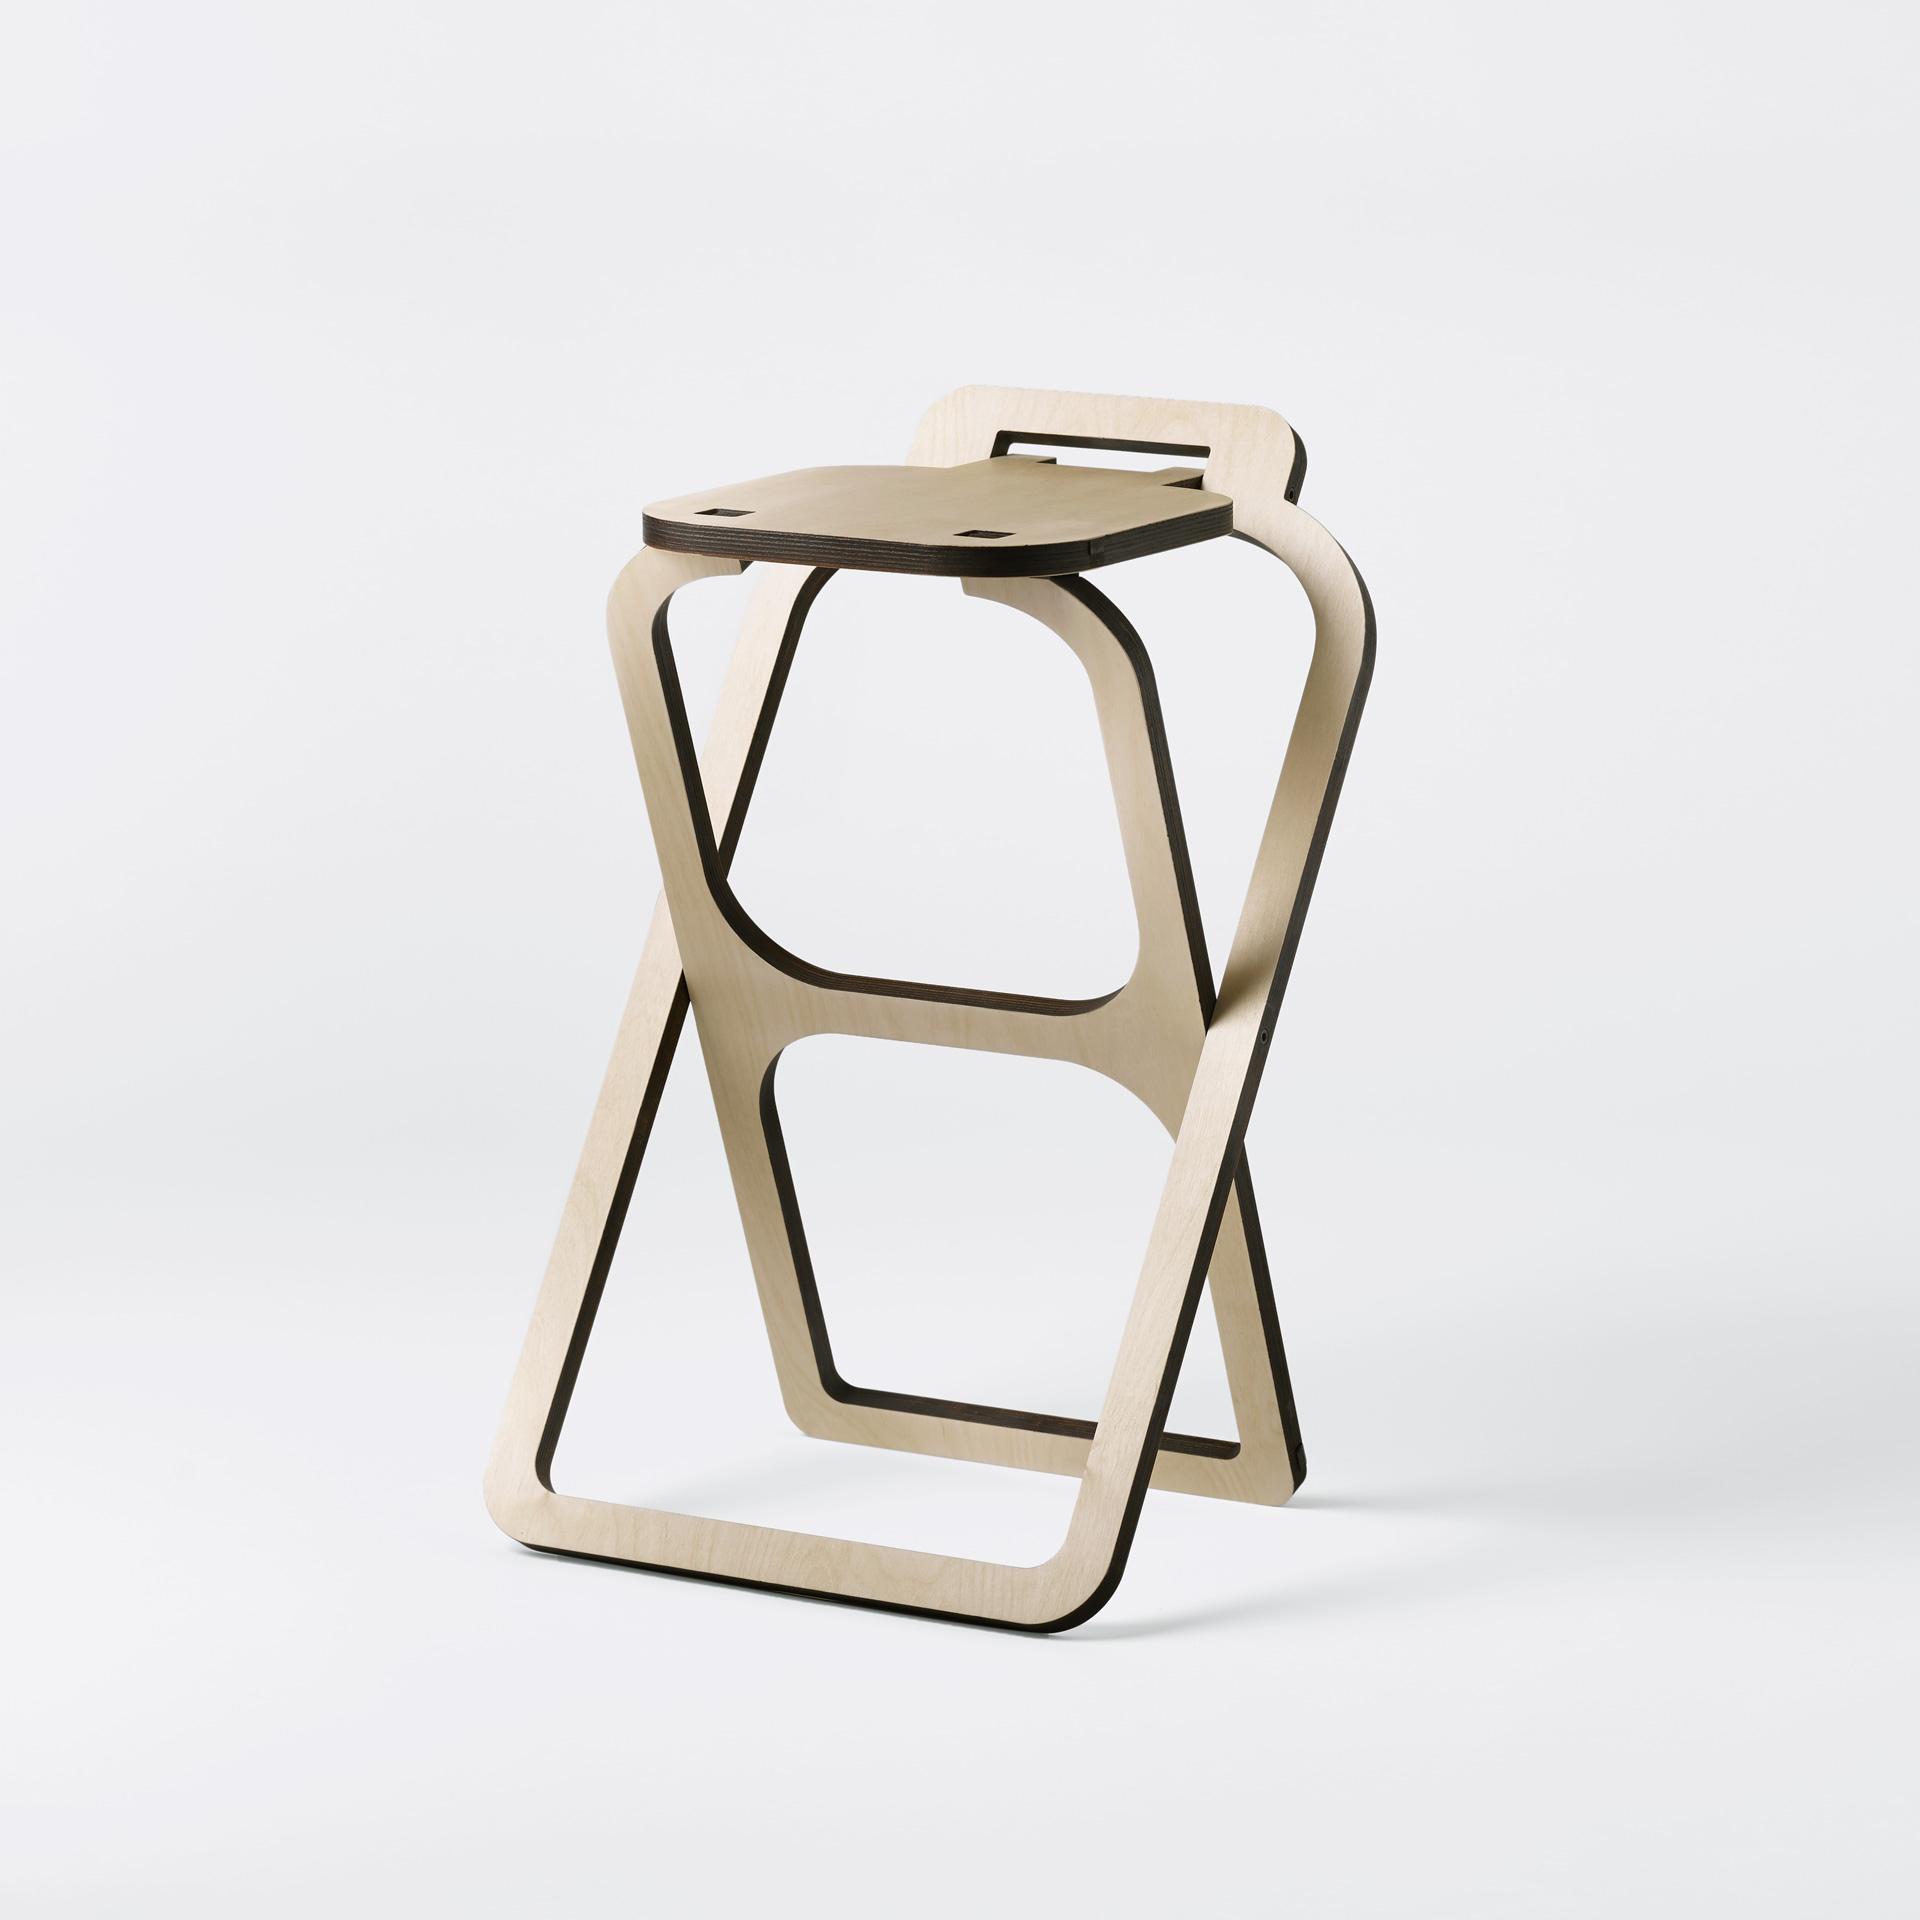 Uno Sgabello Pieghevole.Sgabello Pieghevole In Legno Design Made In Italy